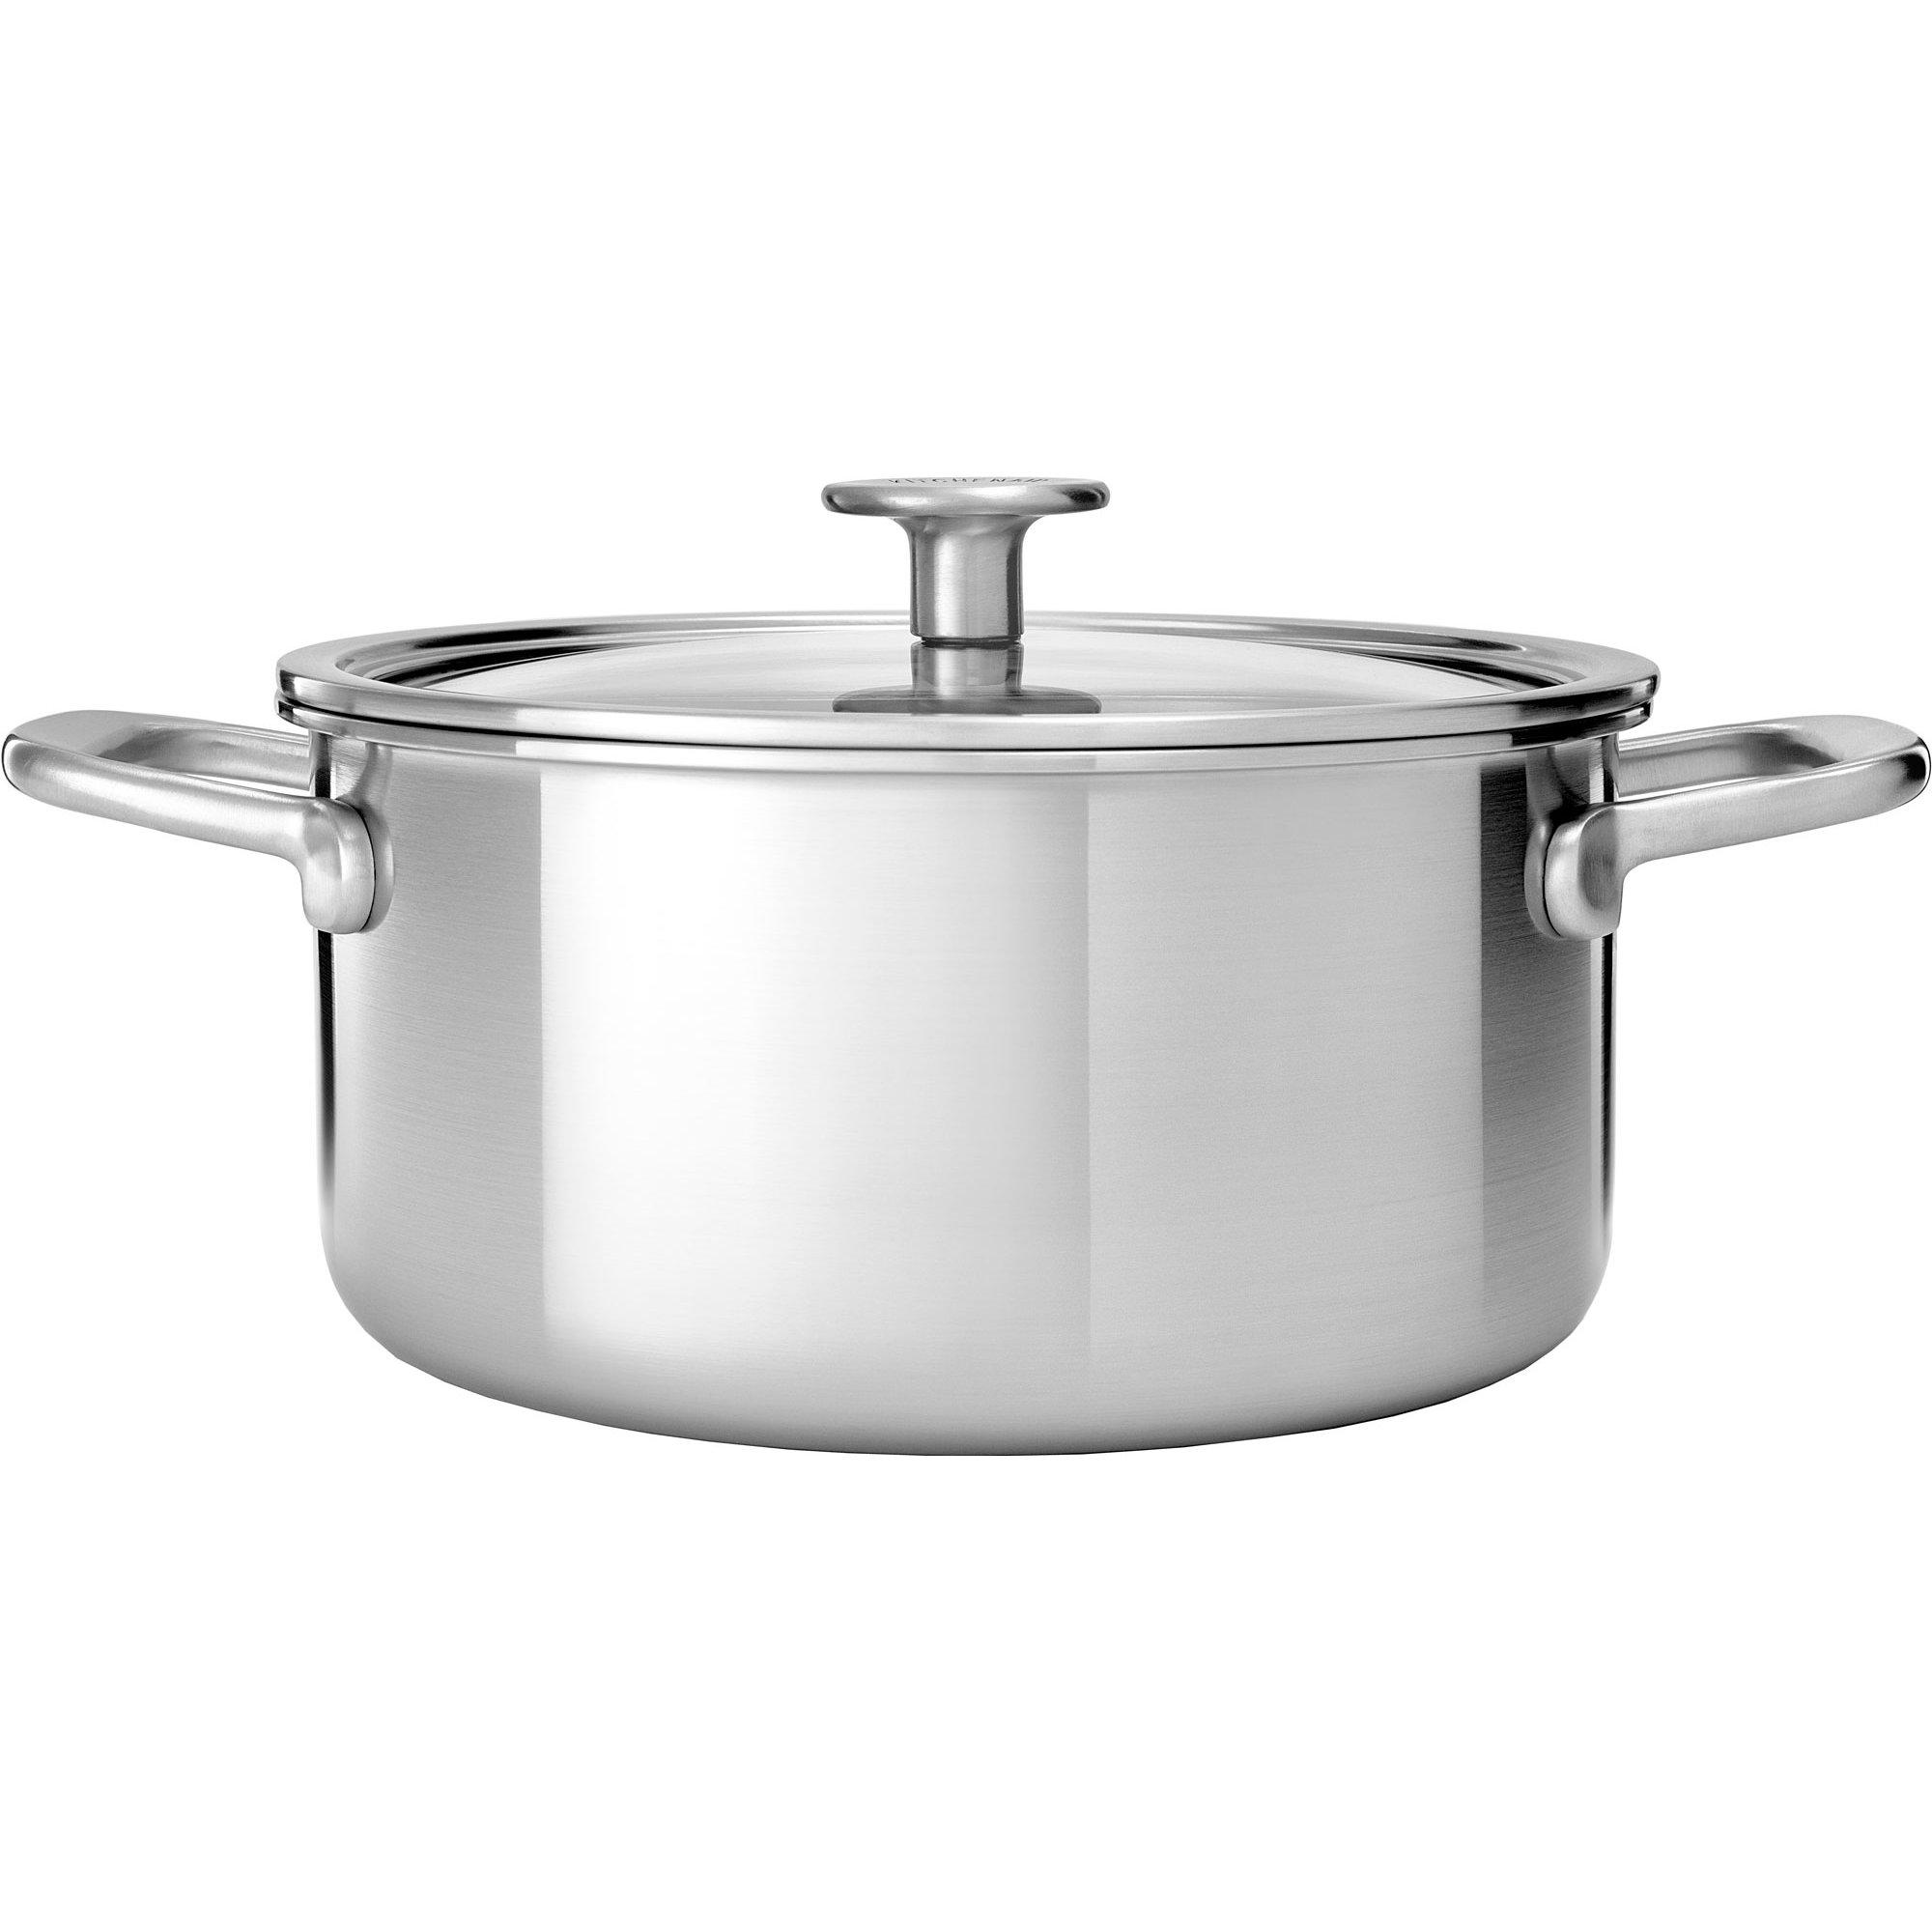 KitchenAid Cookware Collection Gryta m/lock rostfritt stål 20 cm